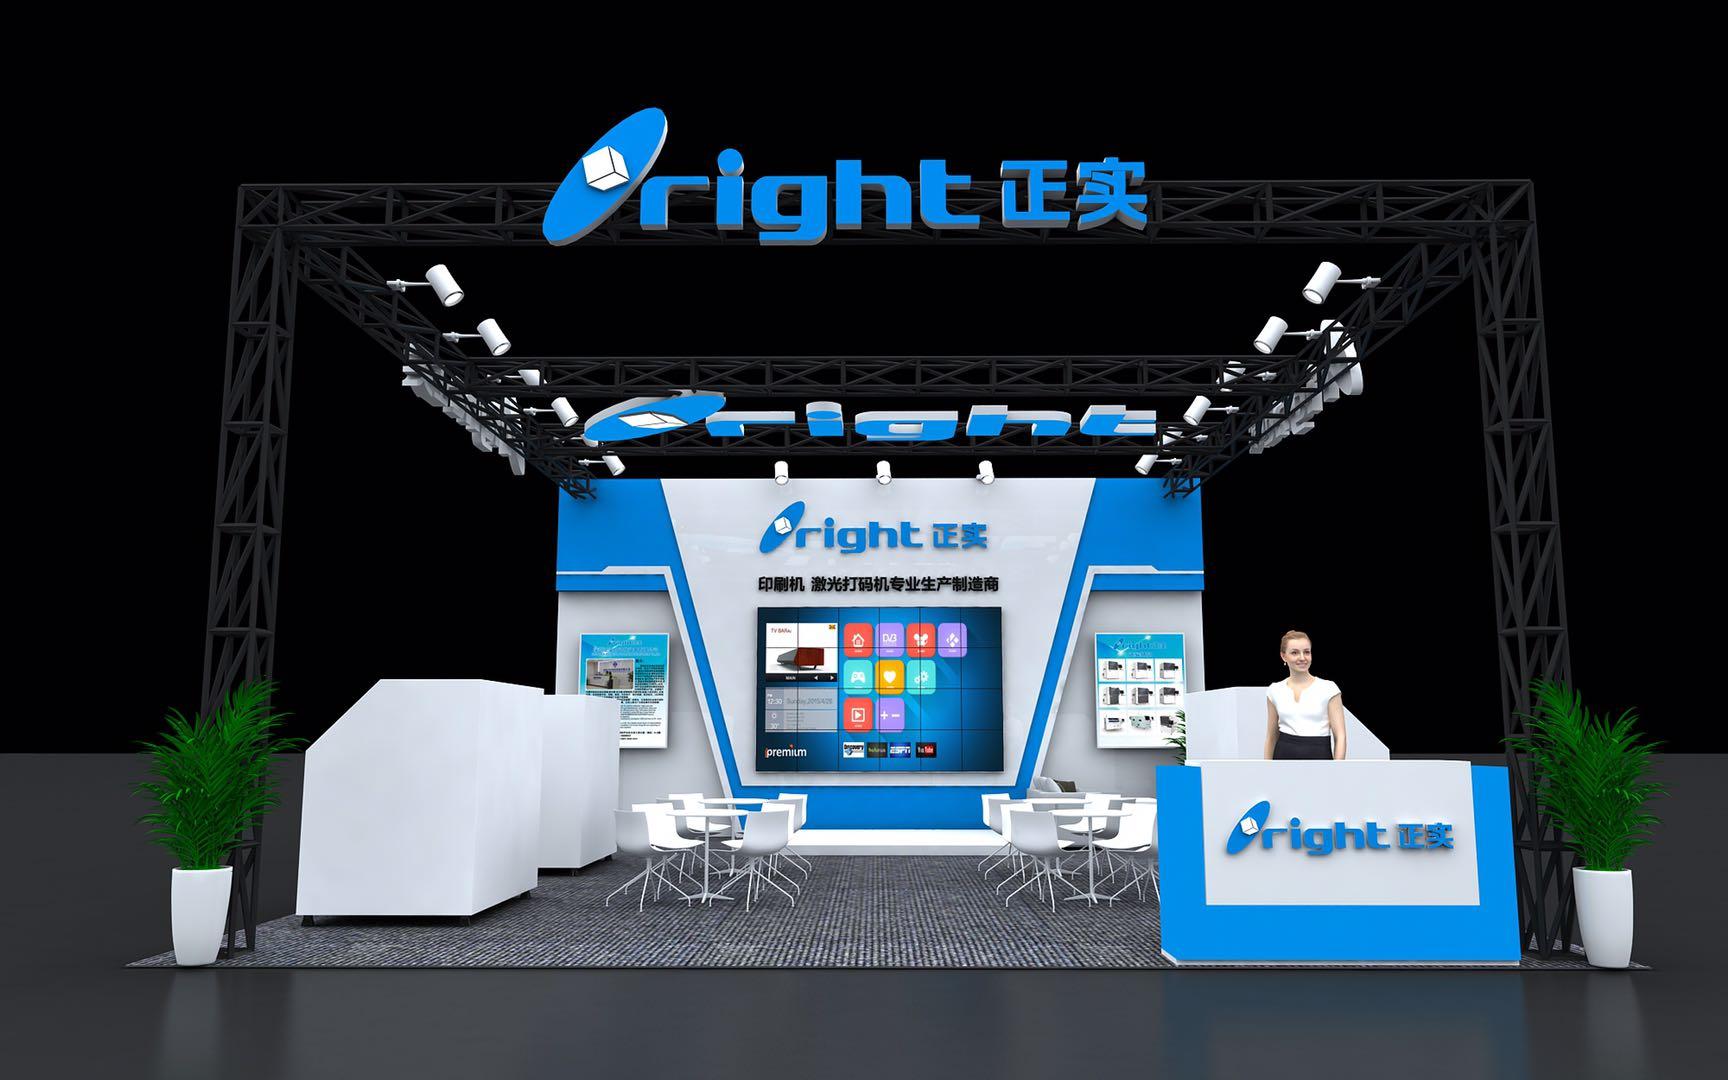 欢迎您参观NEPCON ASIA亚洲电子生产设备暨微电子工业展览会